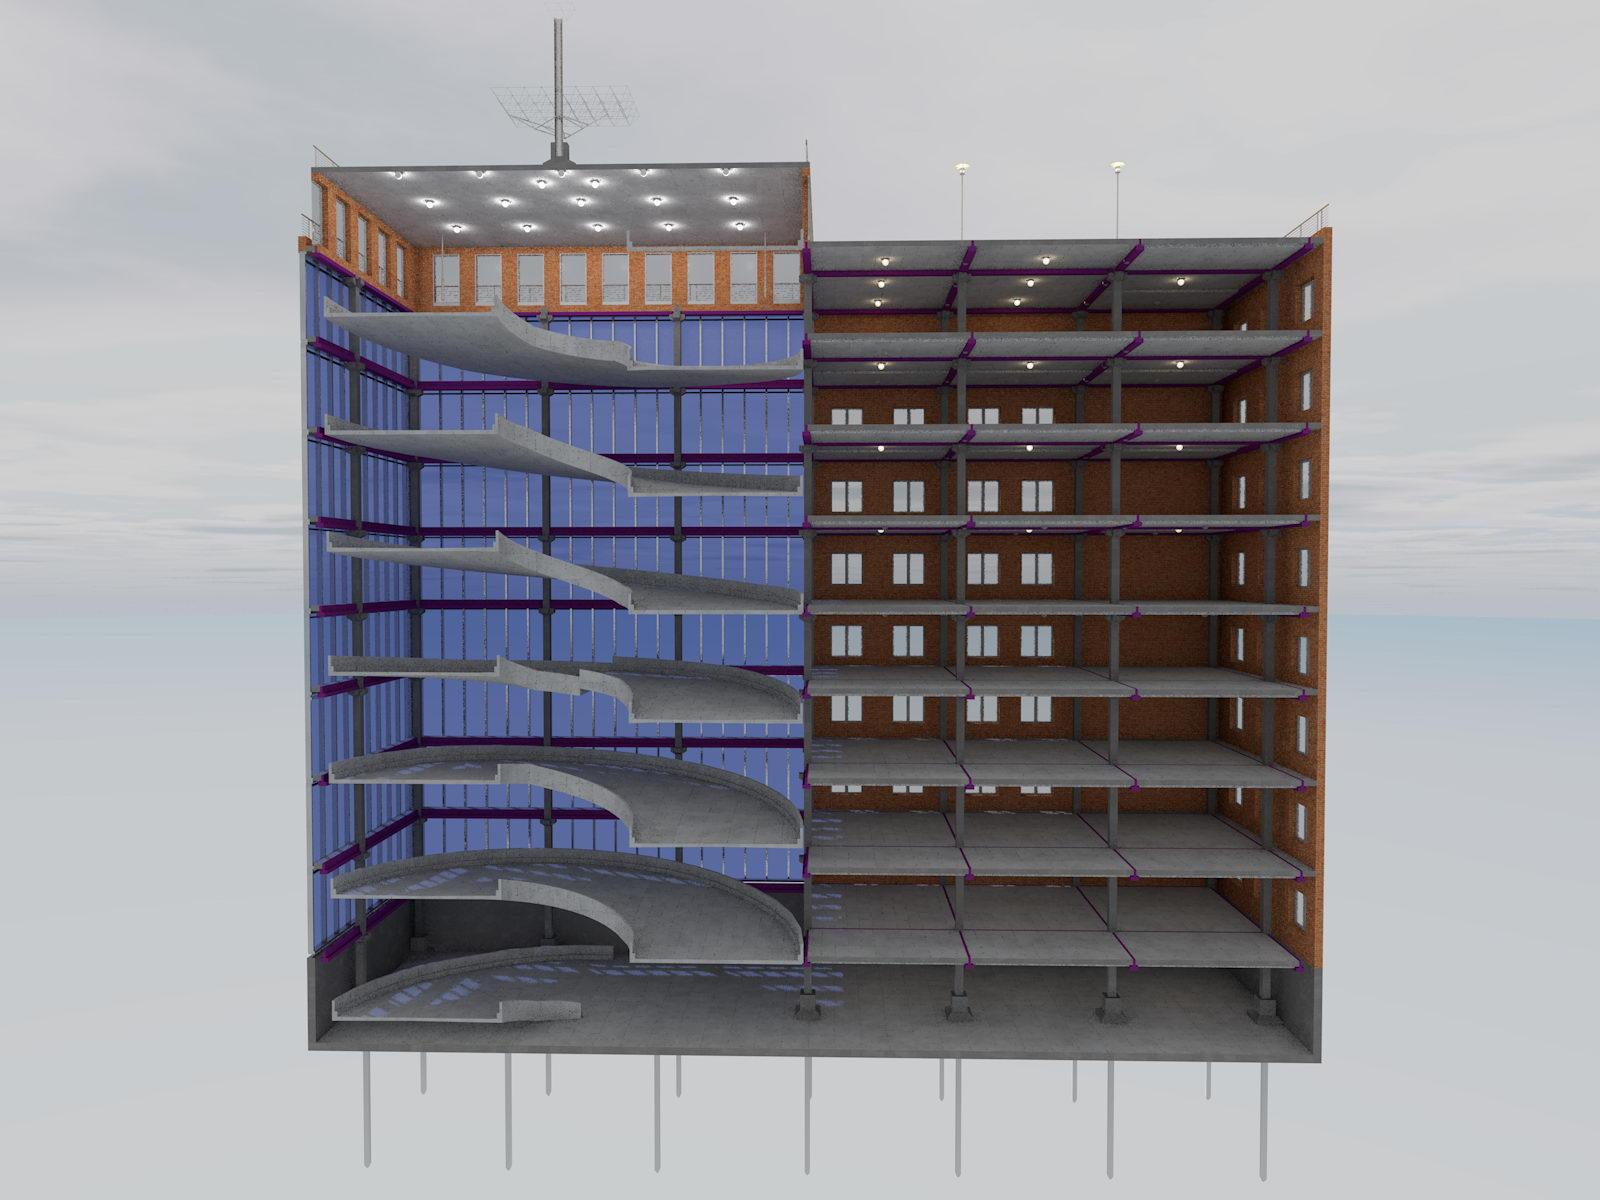 Многоэтажный паркинг разрез